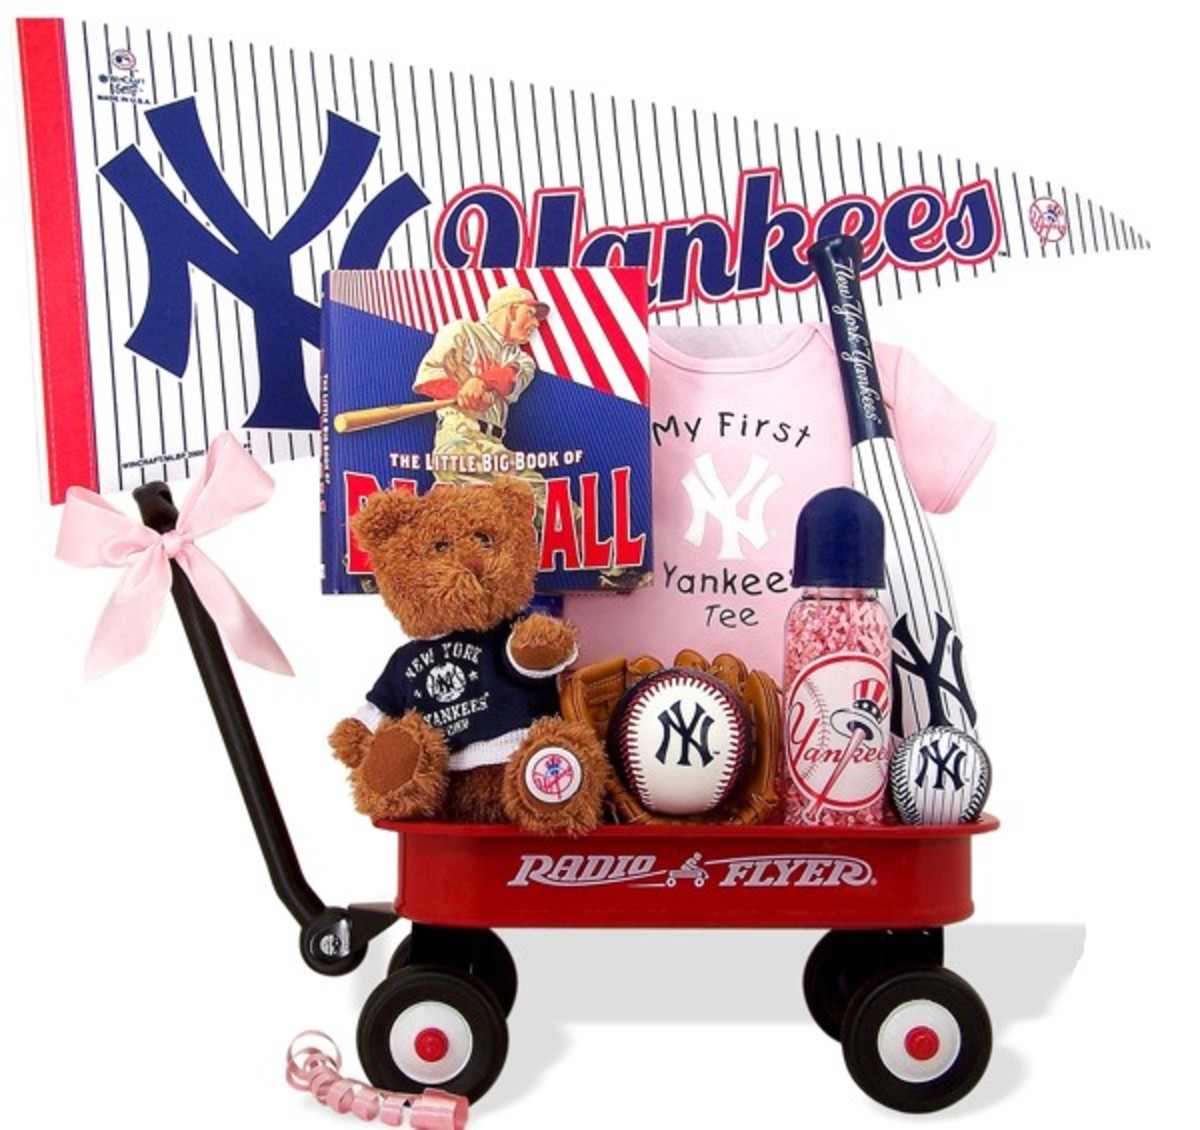 NY Yankees Baby Girl Baseball Wagon